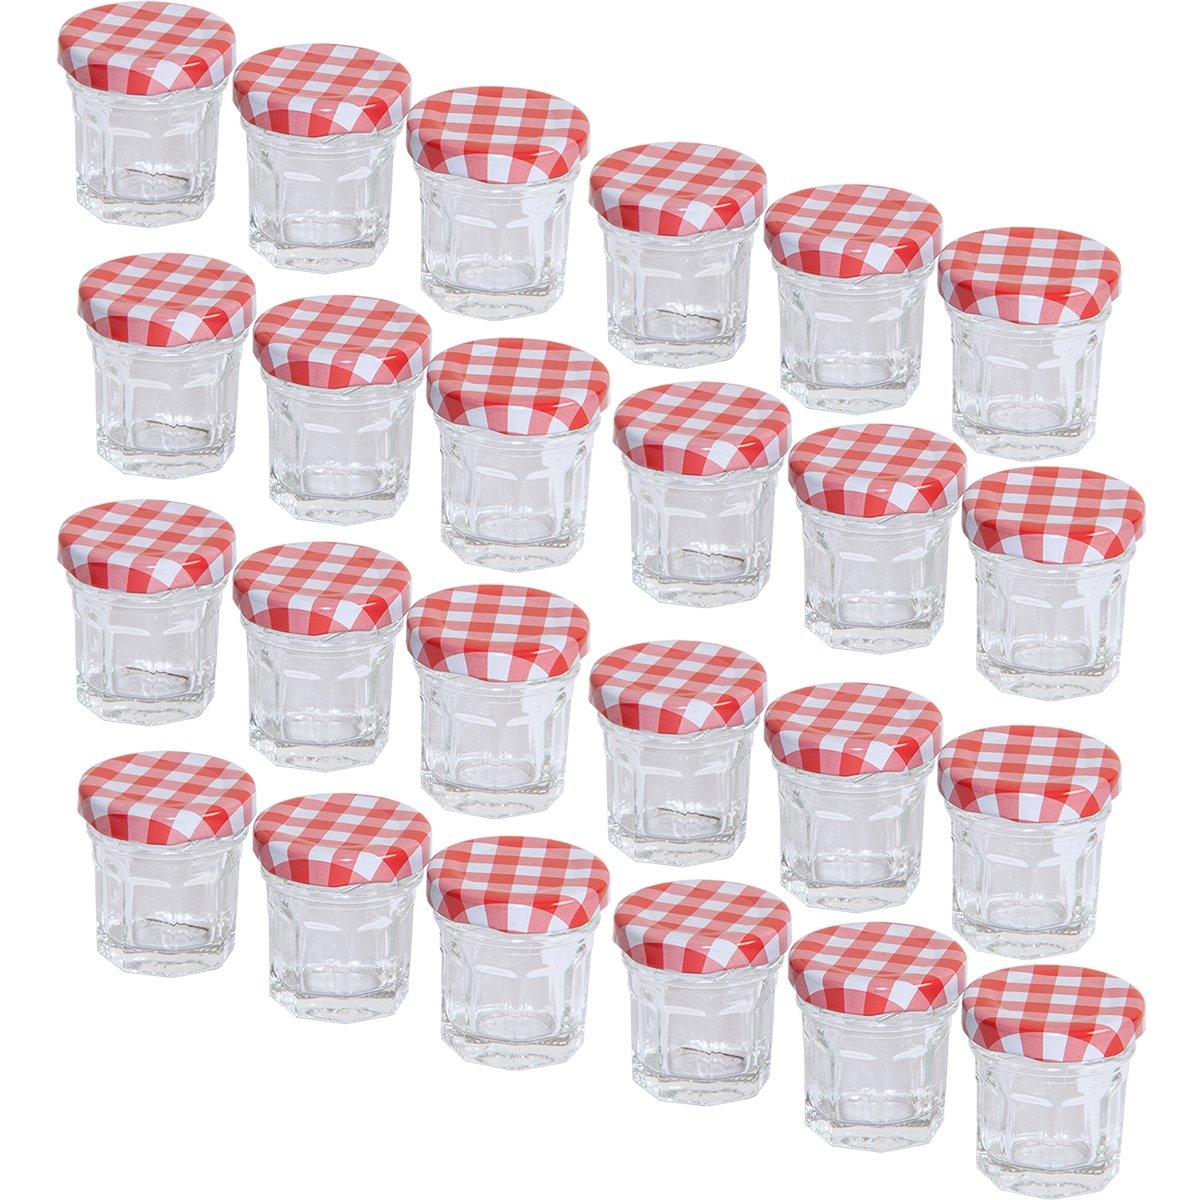 MC-Trend Lot de 12 Lot de 24 mini bocaux /à confiture en verre de 30/ml pour bricolage 12 St/ück couvercle /à vis rouge /à carreaux